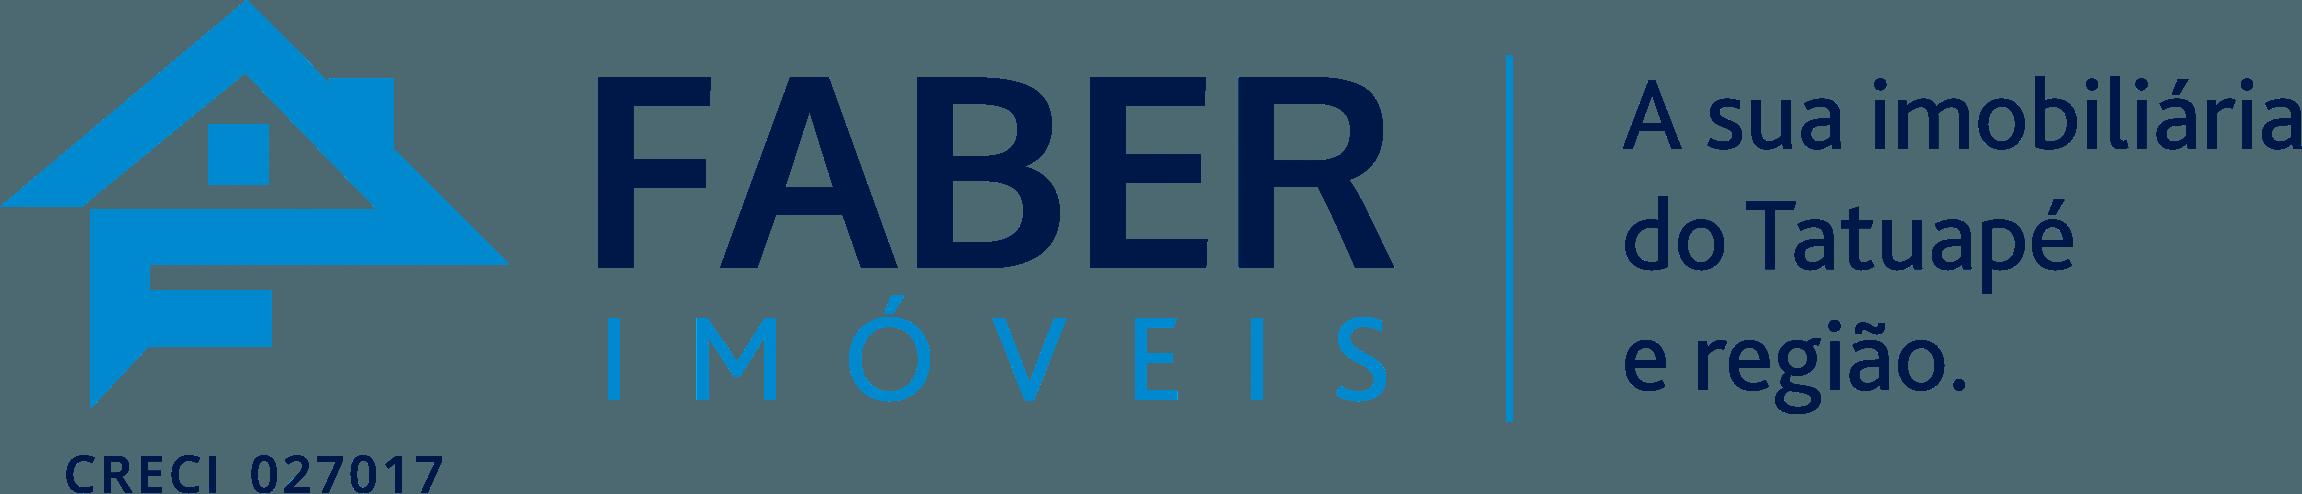 Faber Imóveis - A sua imobiliária do Tatuapé e região.